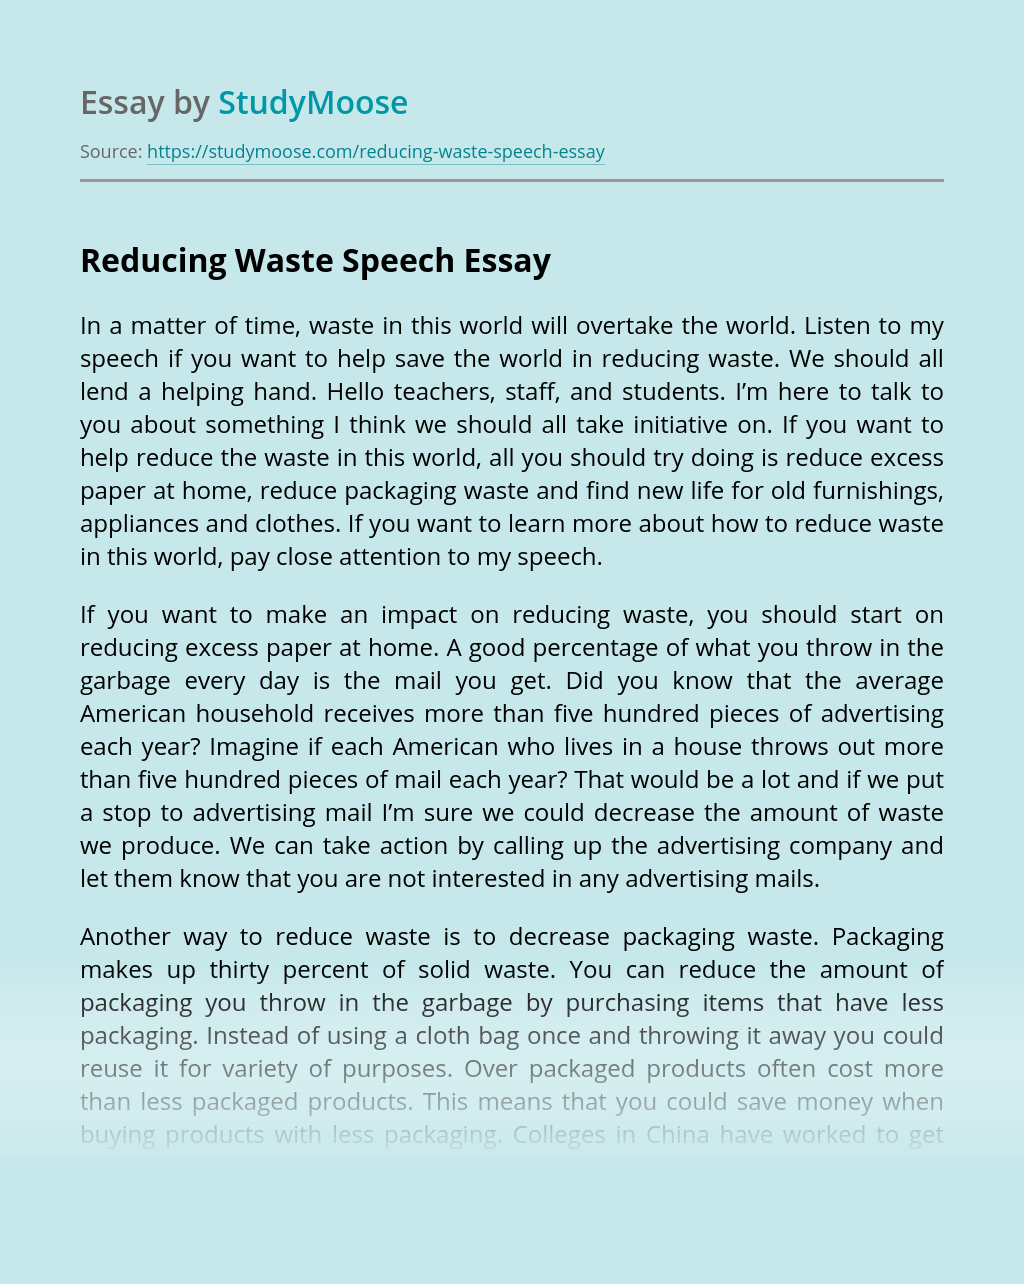 Reducing Waste Speech